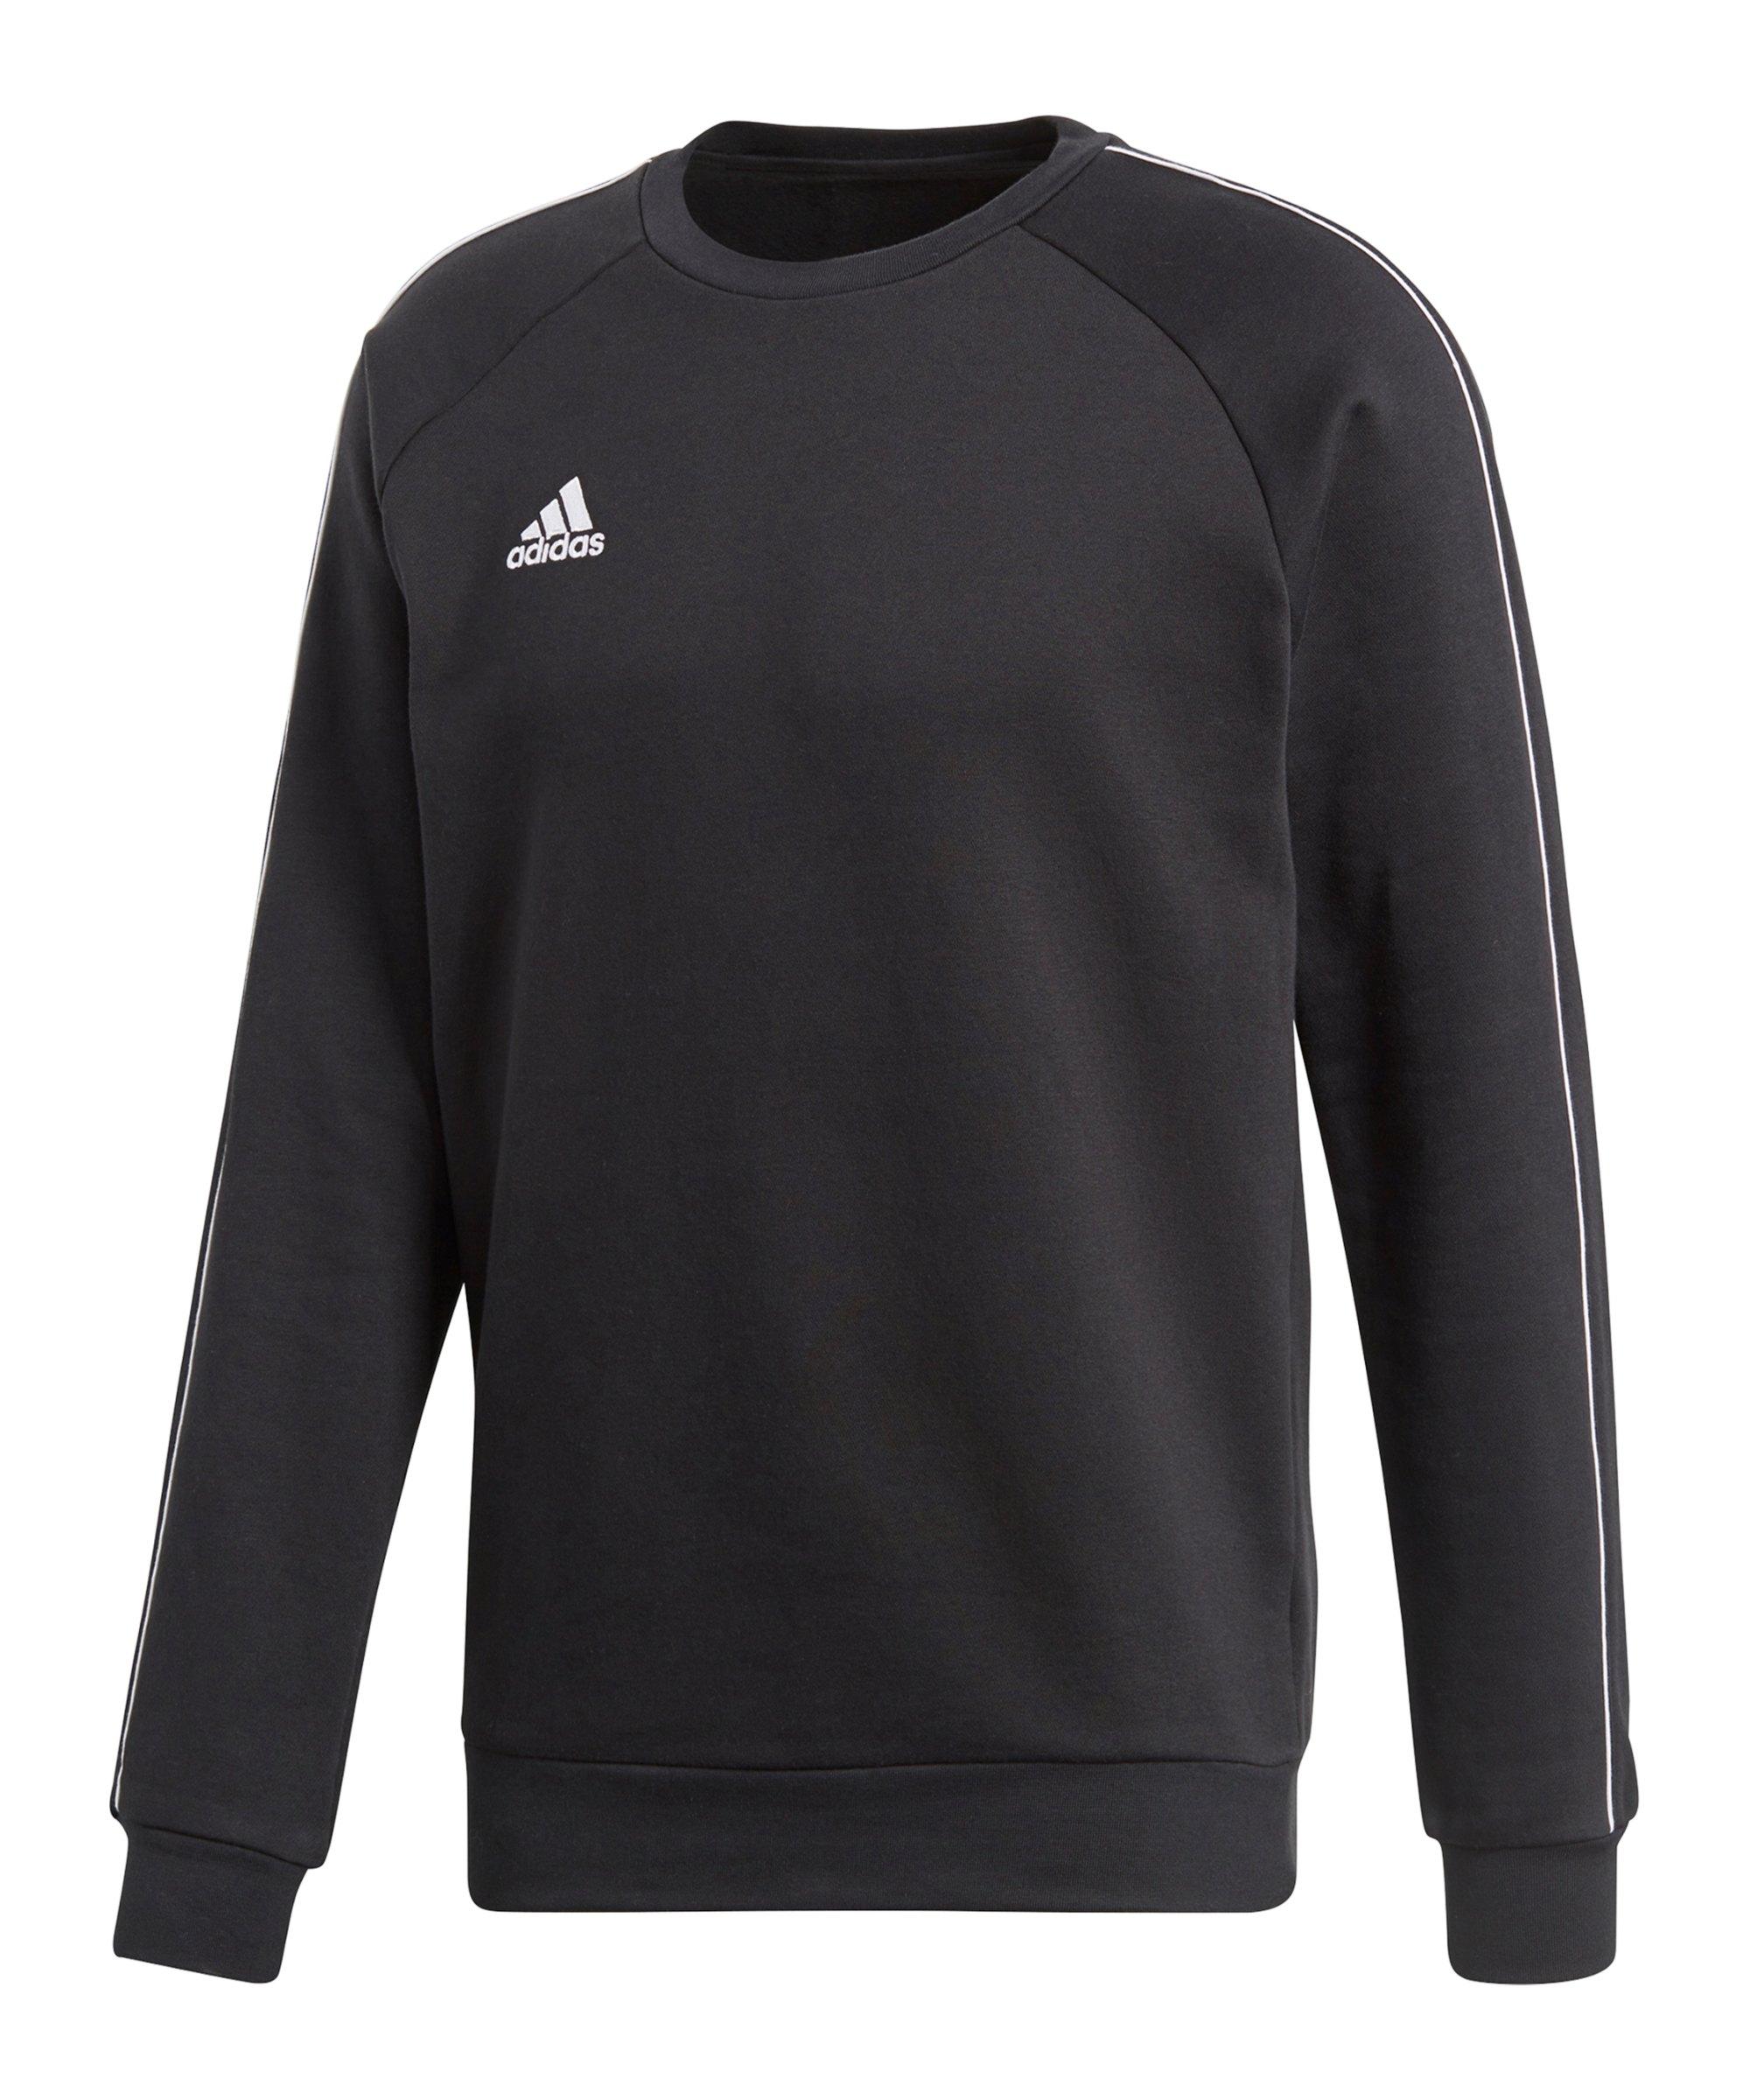 adidas Core 18 Sweat Top Schwarz Weiss - schwarz